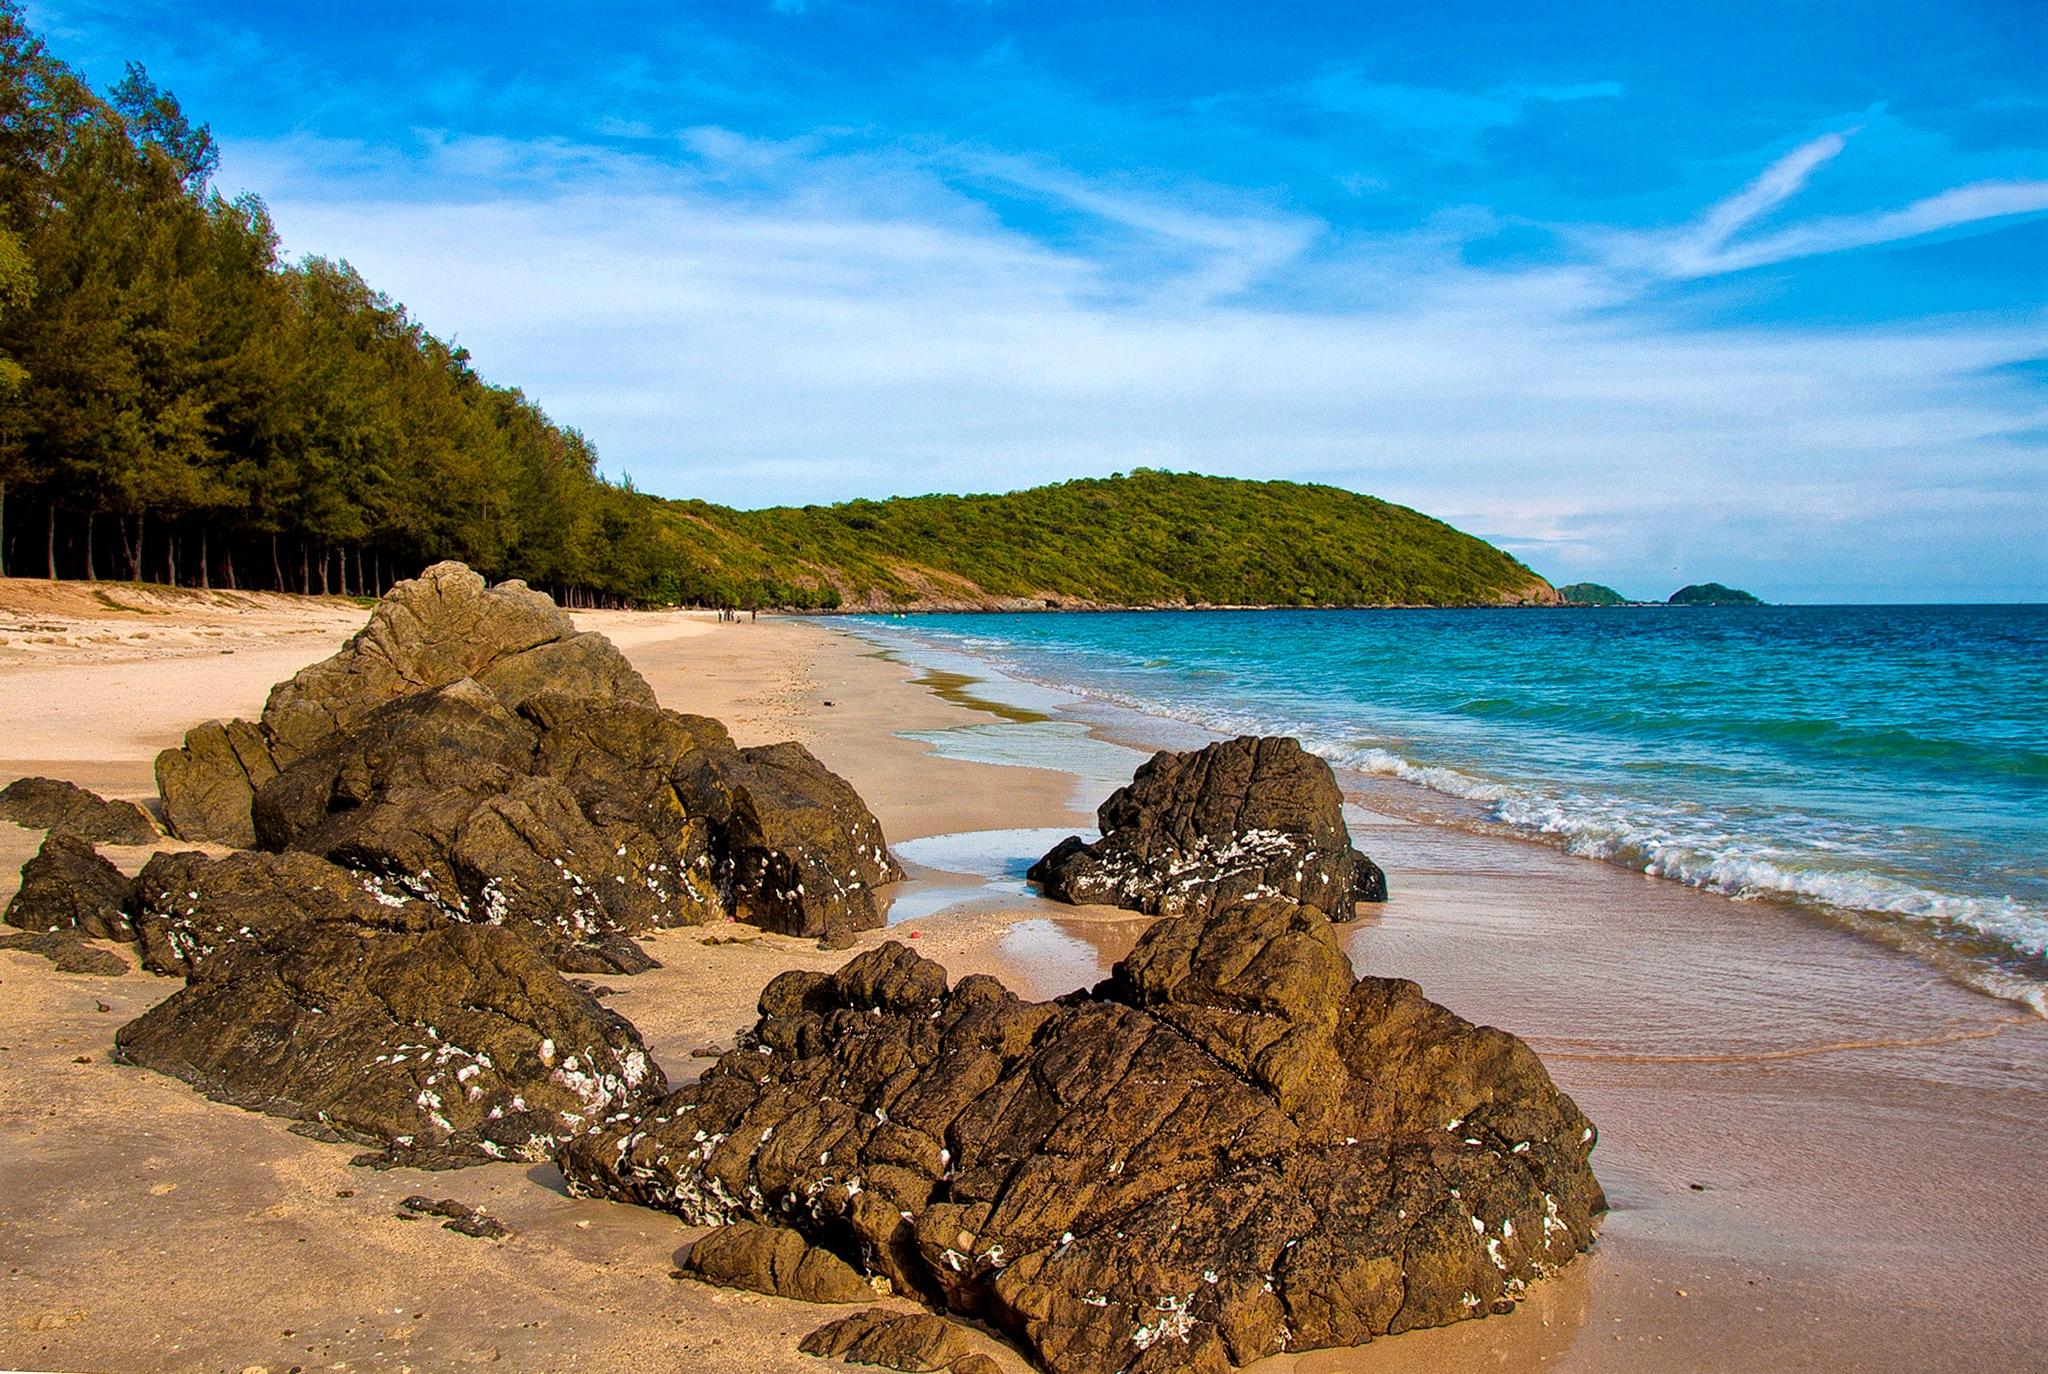 Rocks, Sea and Sand by WilliamReid